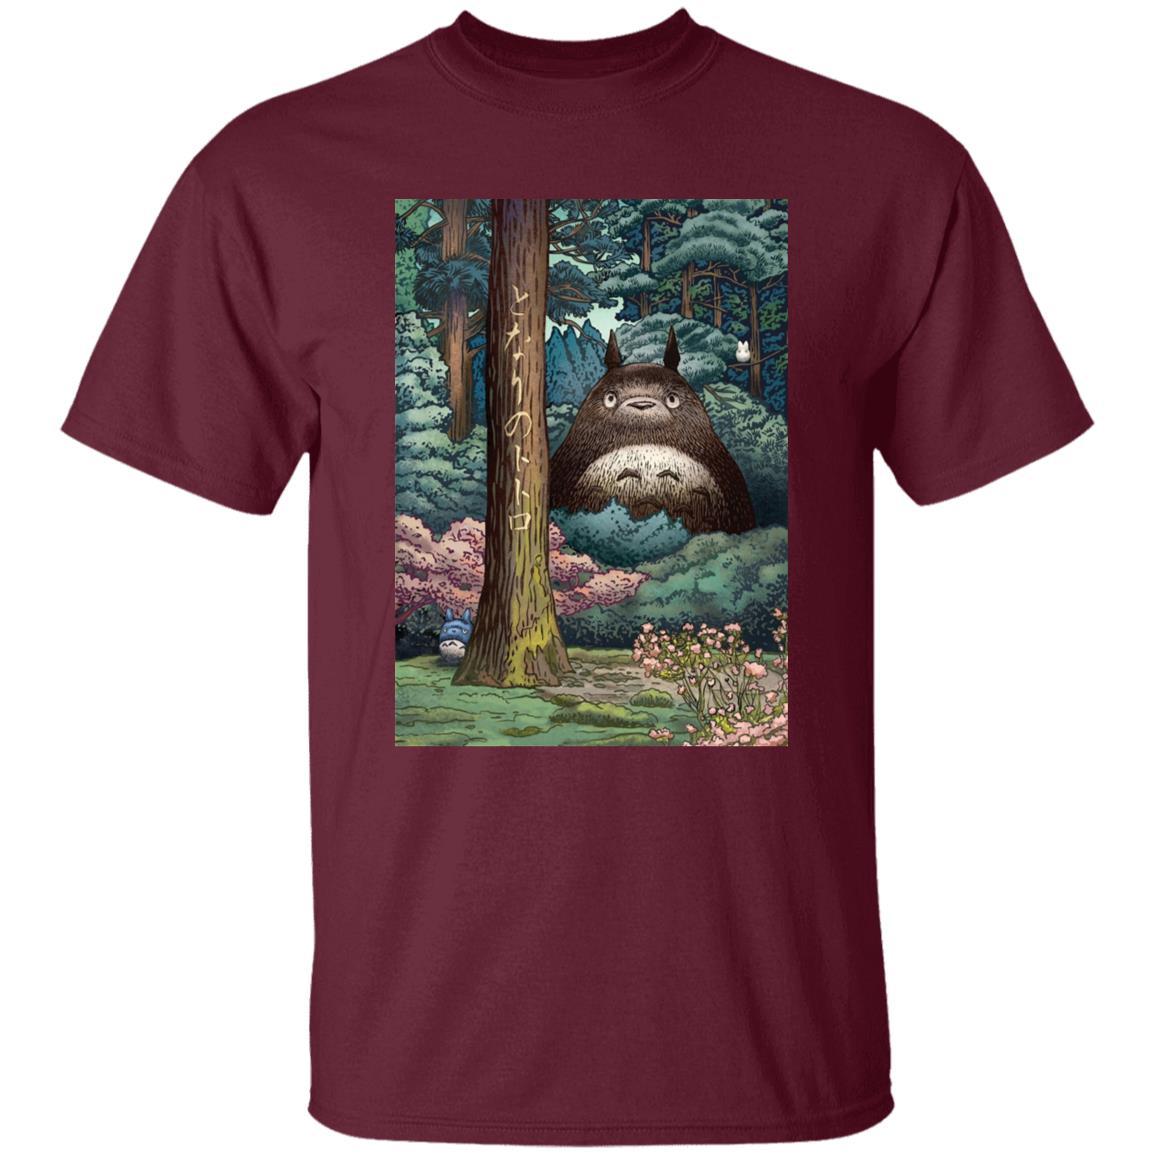 My Neighbor Totoro Forest Spirit T Shirt